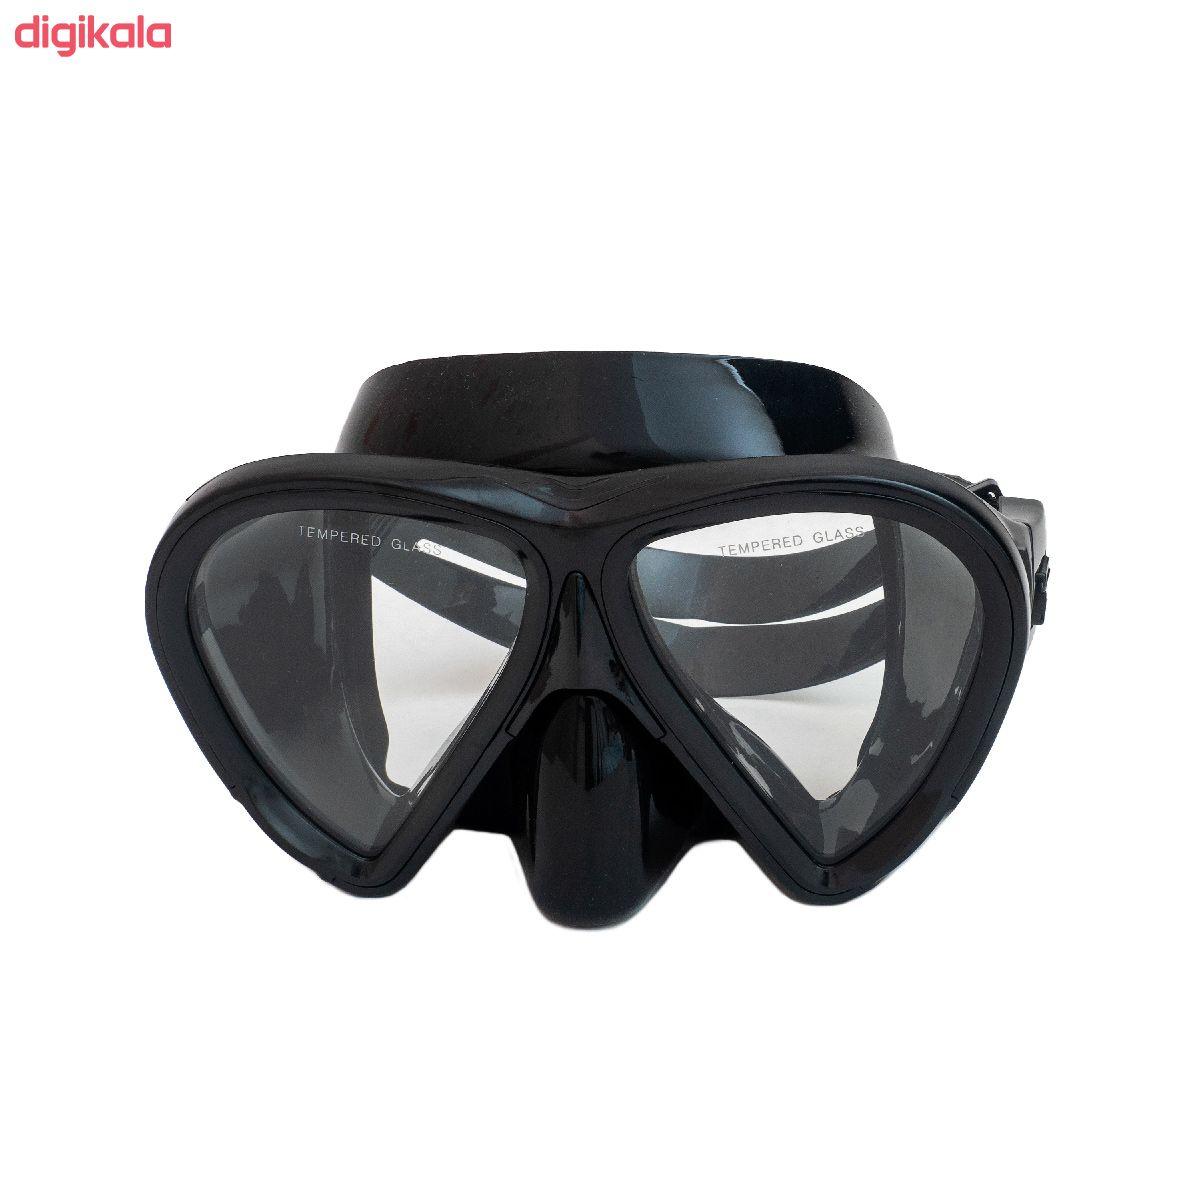 عینک و اسنورکل و فین غواصی آکوا پرو کد 58924 main 1 5